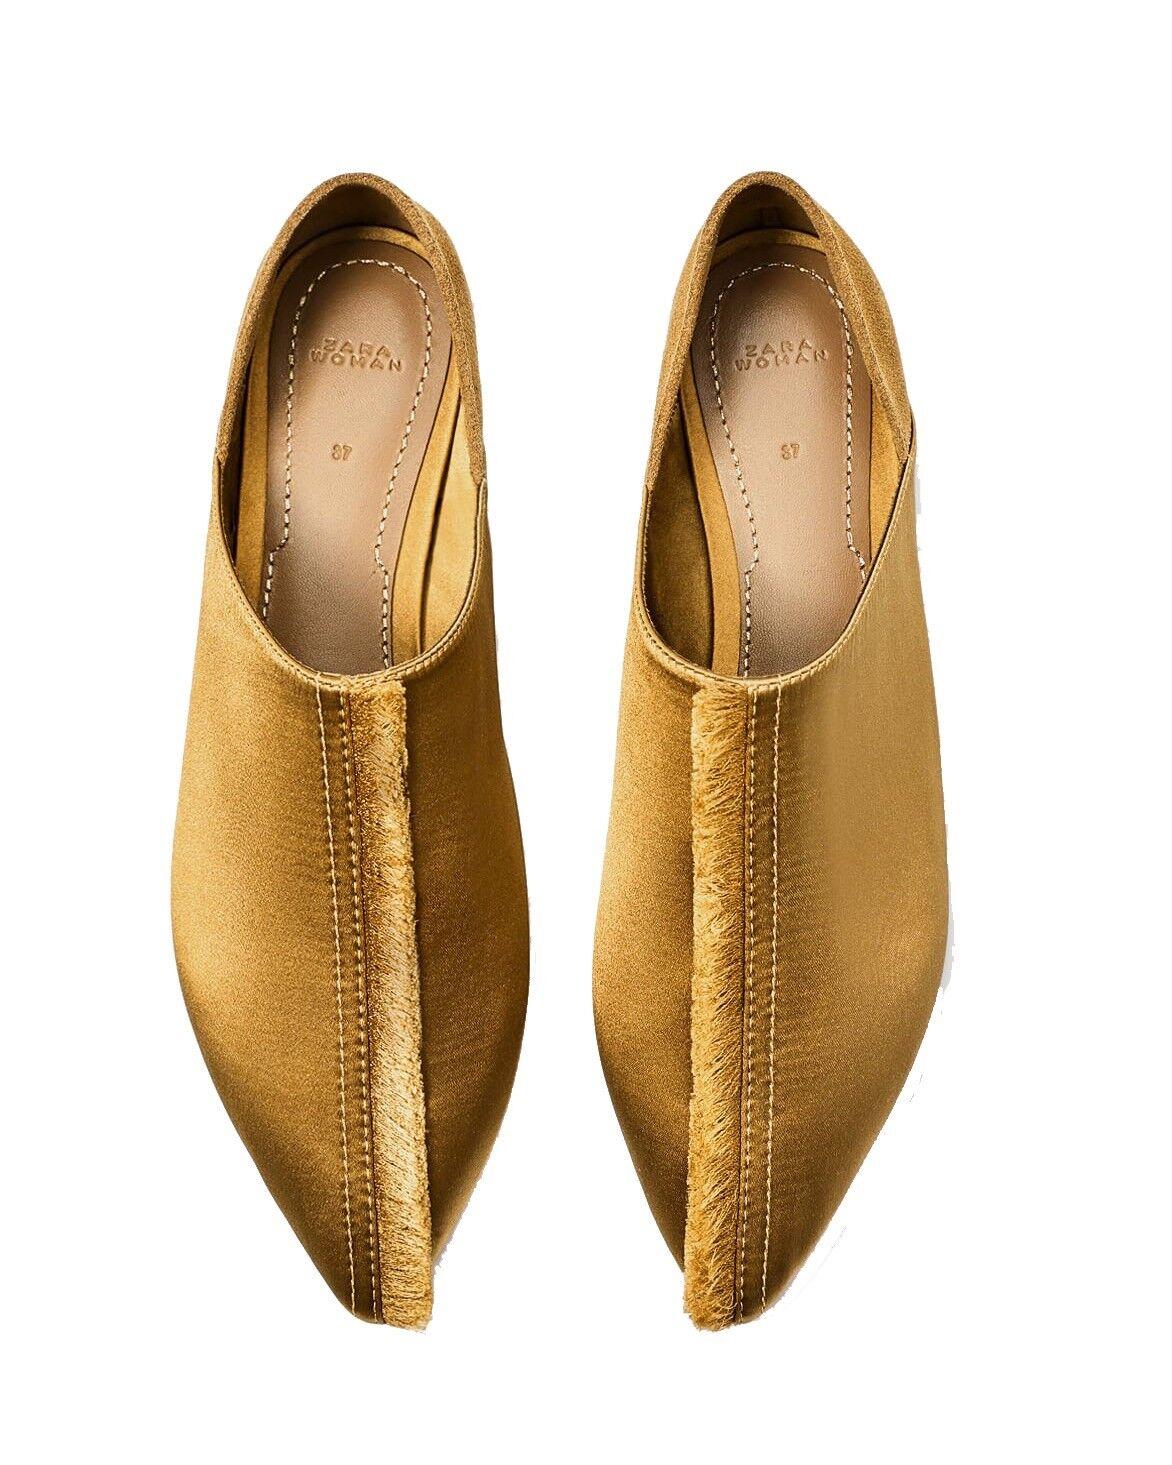 Zara oro Satinado Deshilachado Árabe Zapatillas Tamaño de pisos 6.5 6.5 6.5 EU 37 Nuevo con etiquetas  mejor calidad